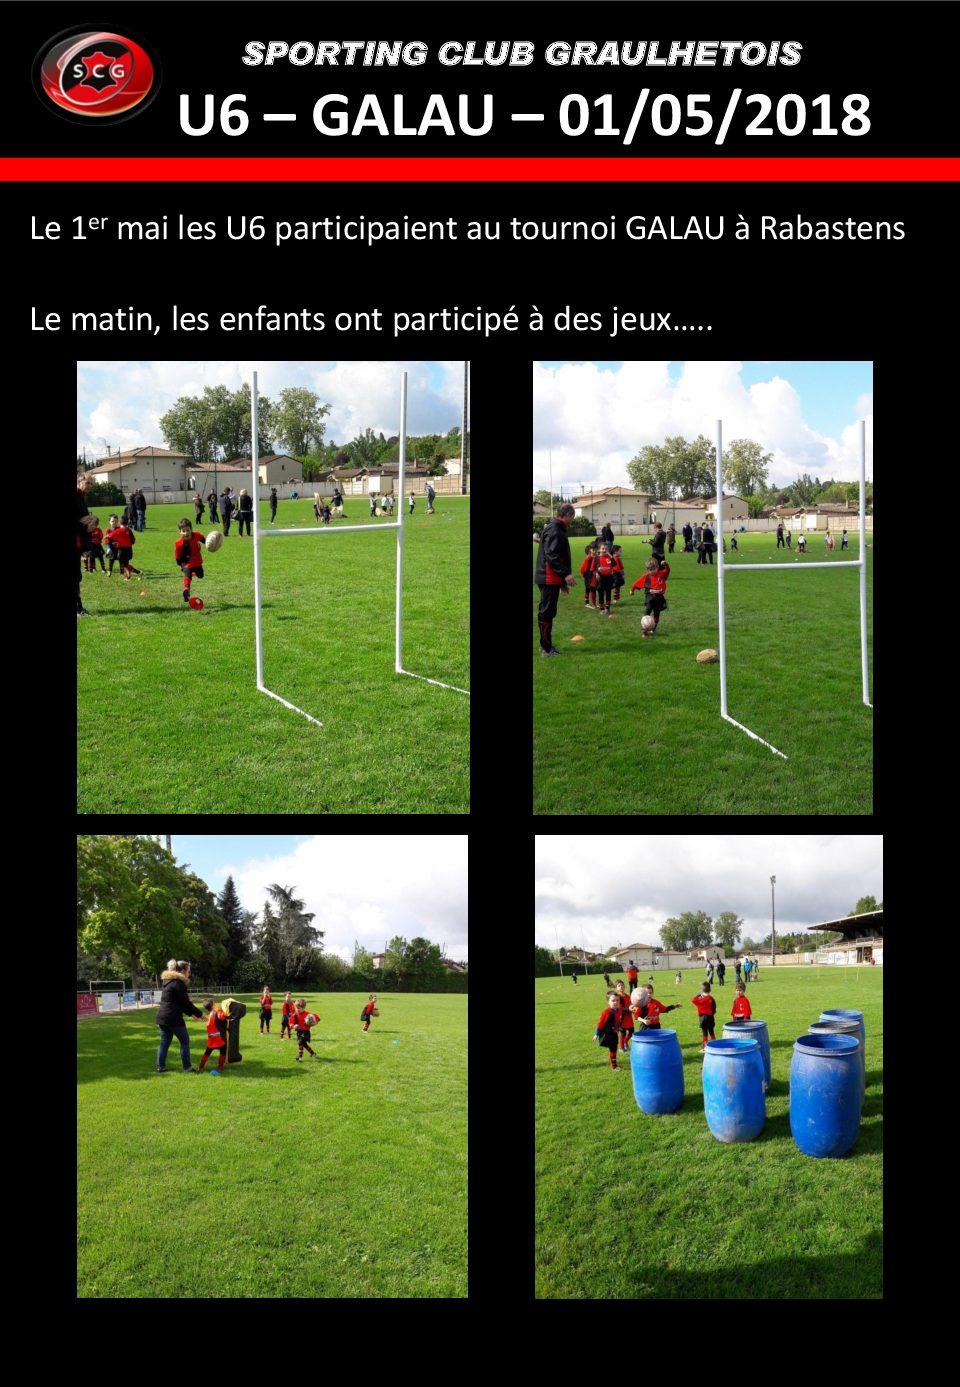 http://scg-rugby.com/wp-content/uploads/2018/05/GALAU-U6-3-pdf-2.jpg